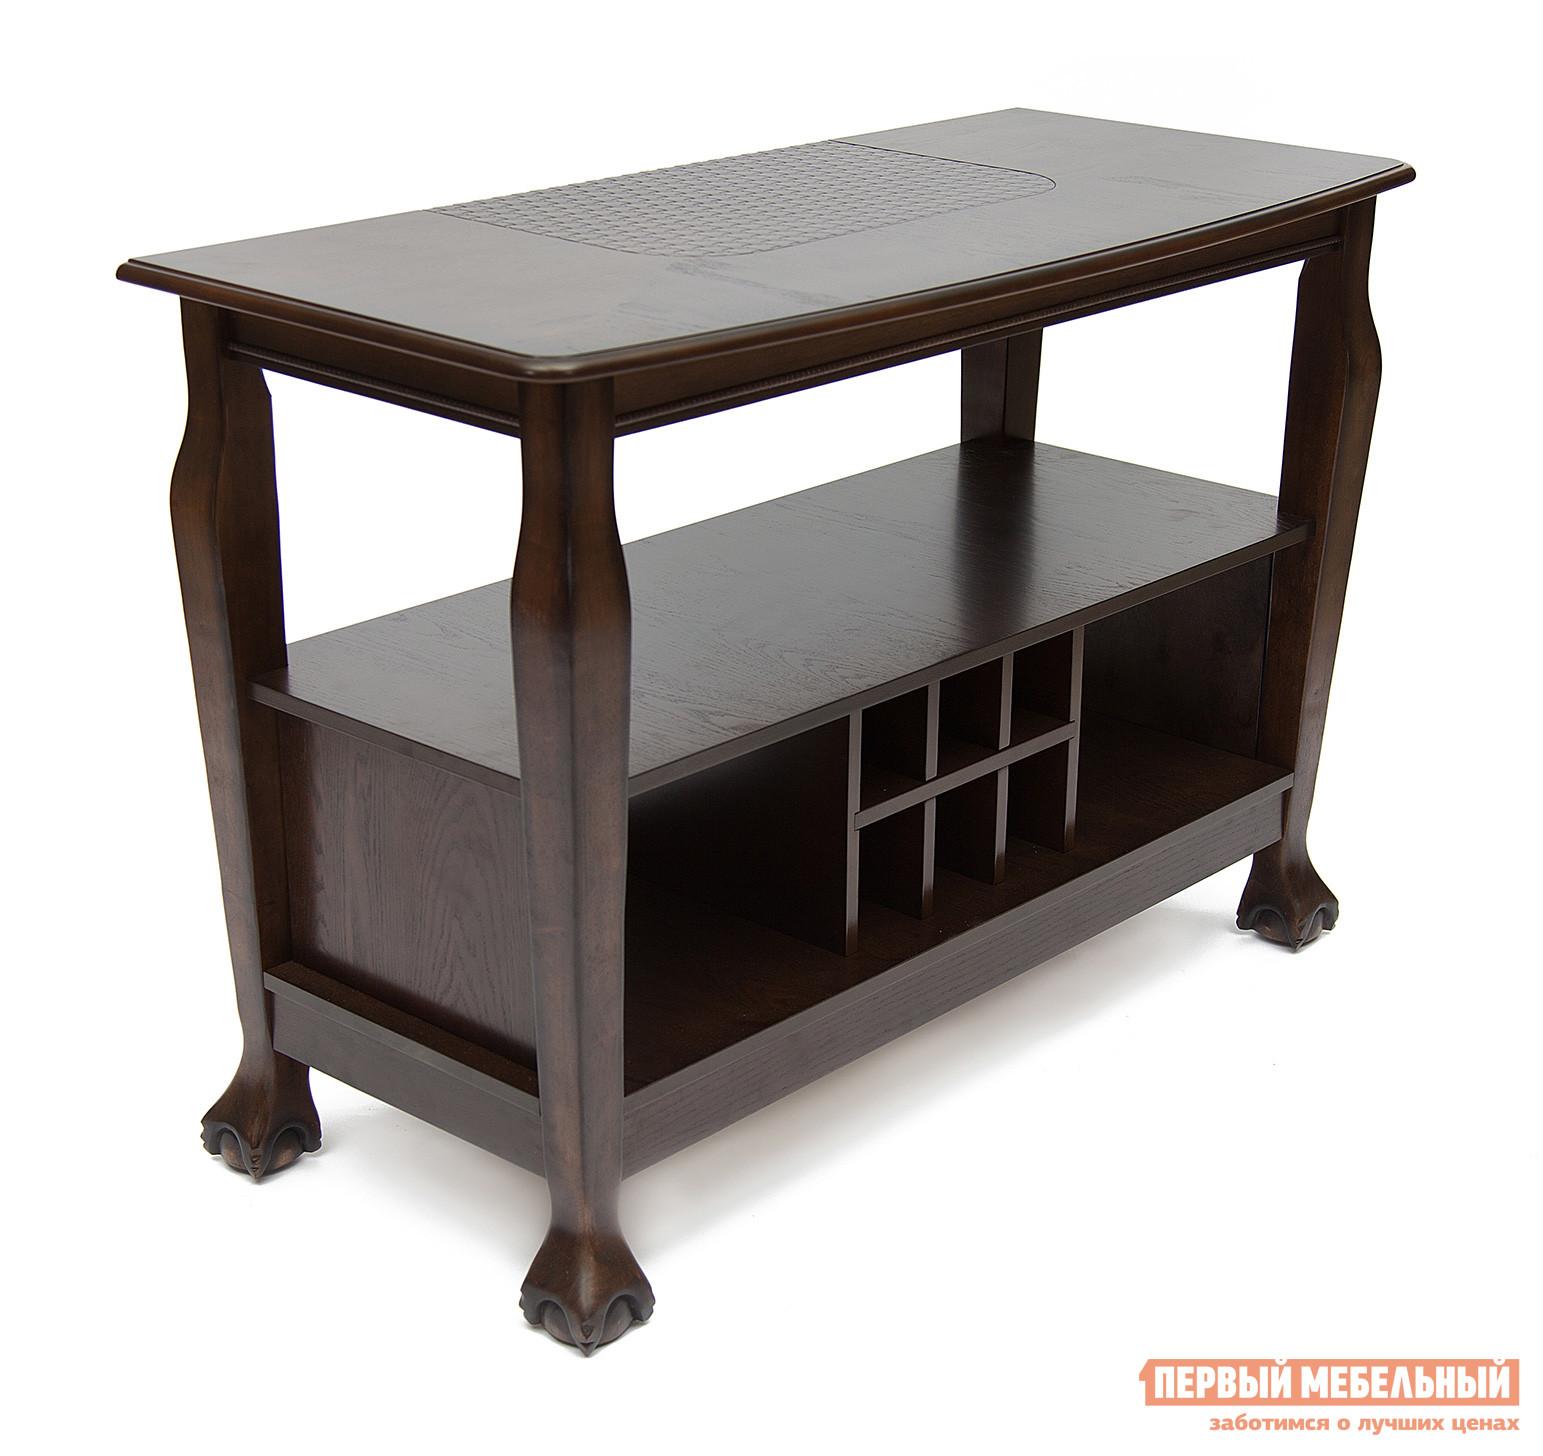 Барный стол Tetchair DNSG-5236 Темный дуб (Минди) / Вставка ротанг (МДФ)